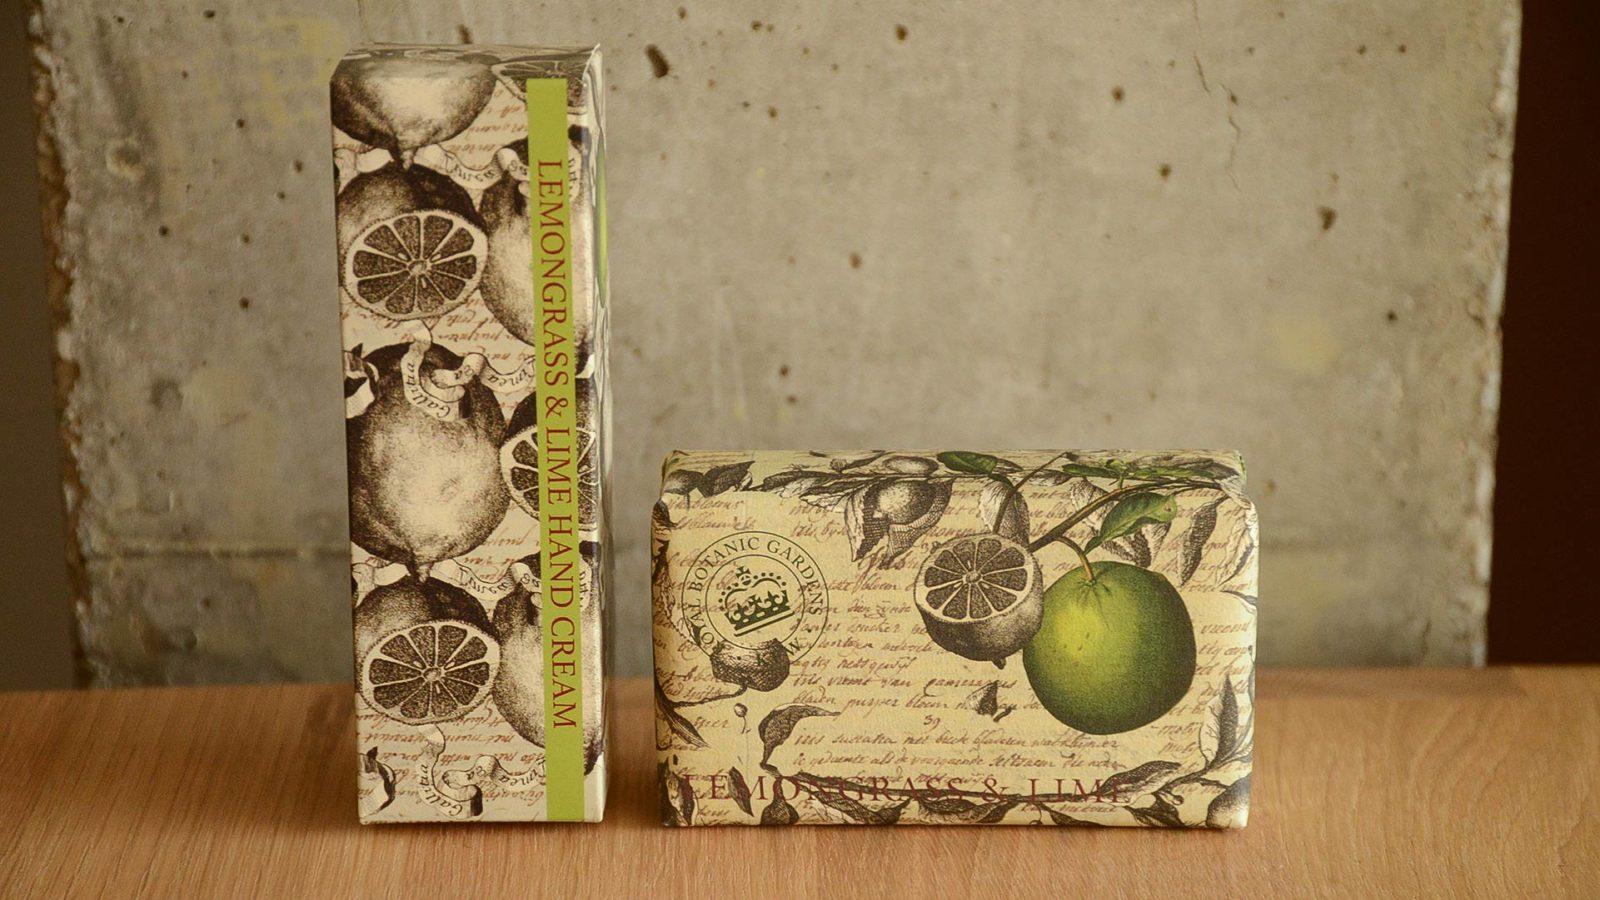 Kew Gardens hand care set lemongrass & lime